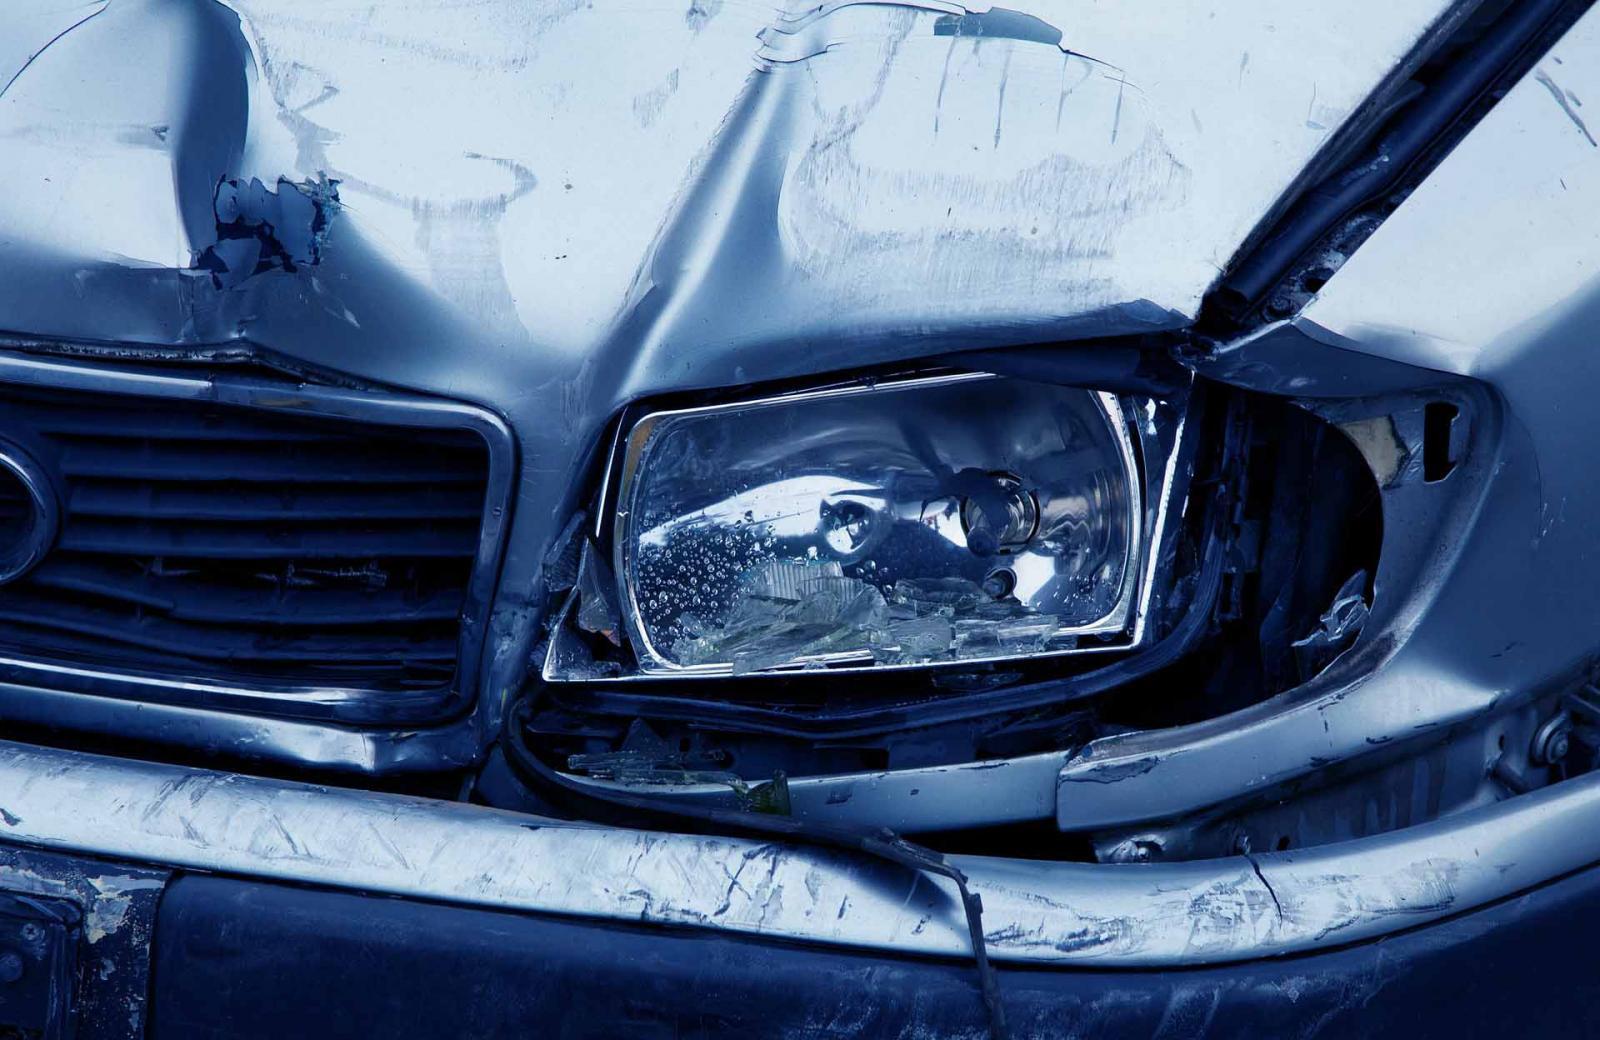 Los criminales provocan accidentes para extorsionar